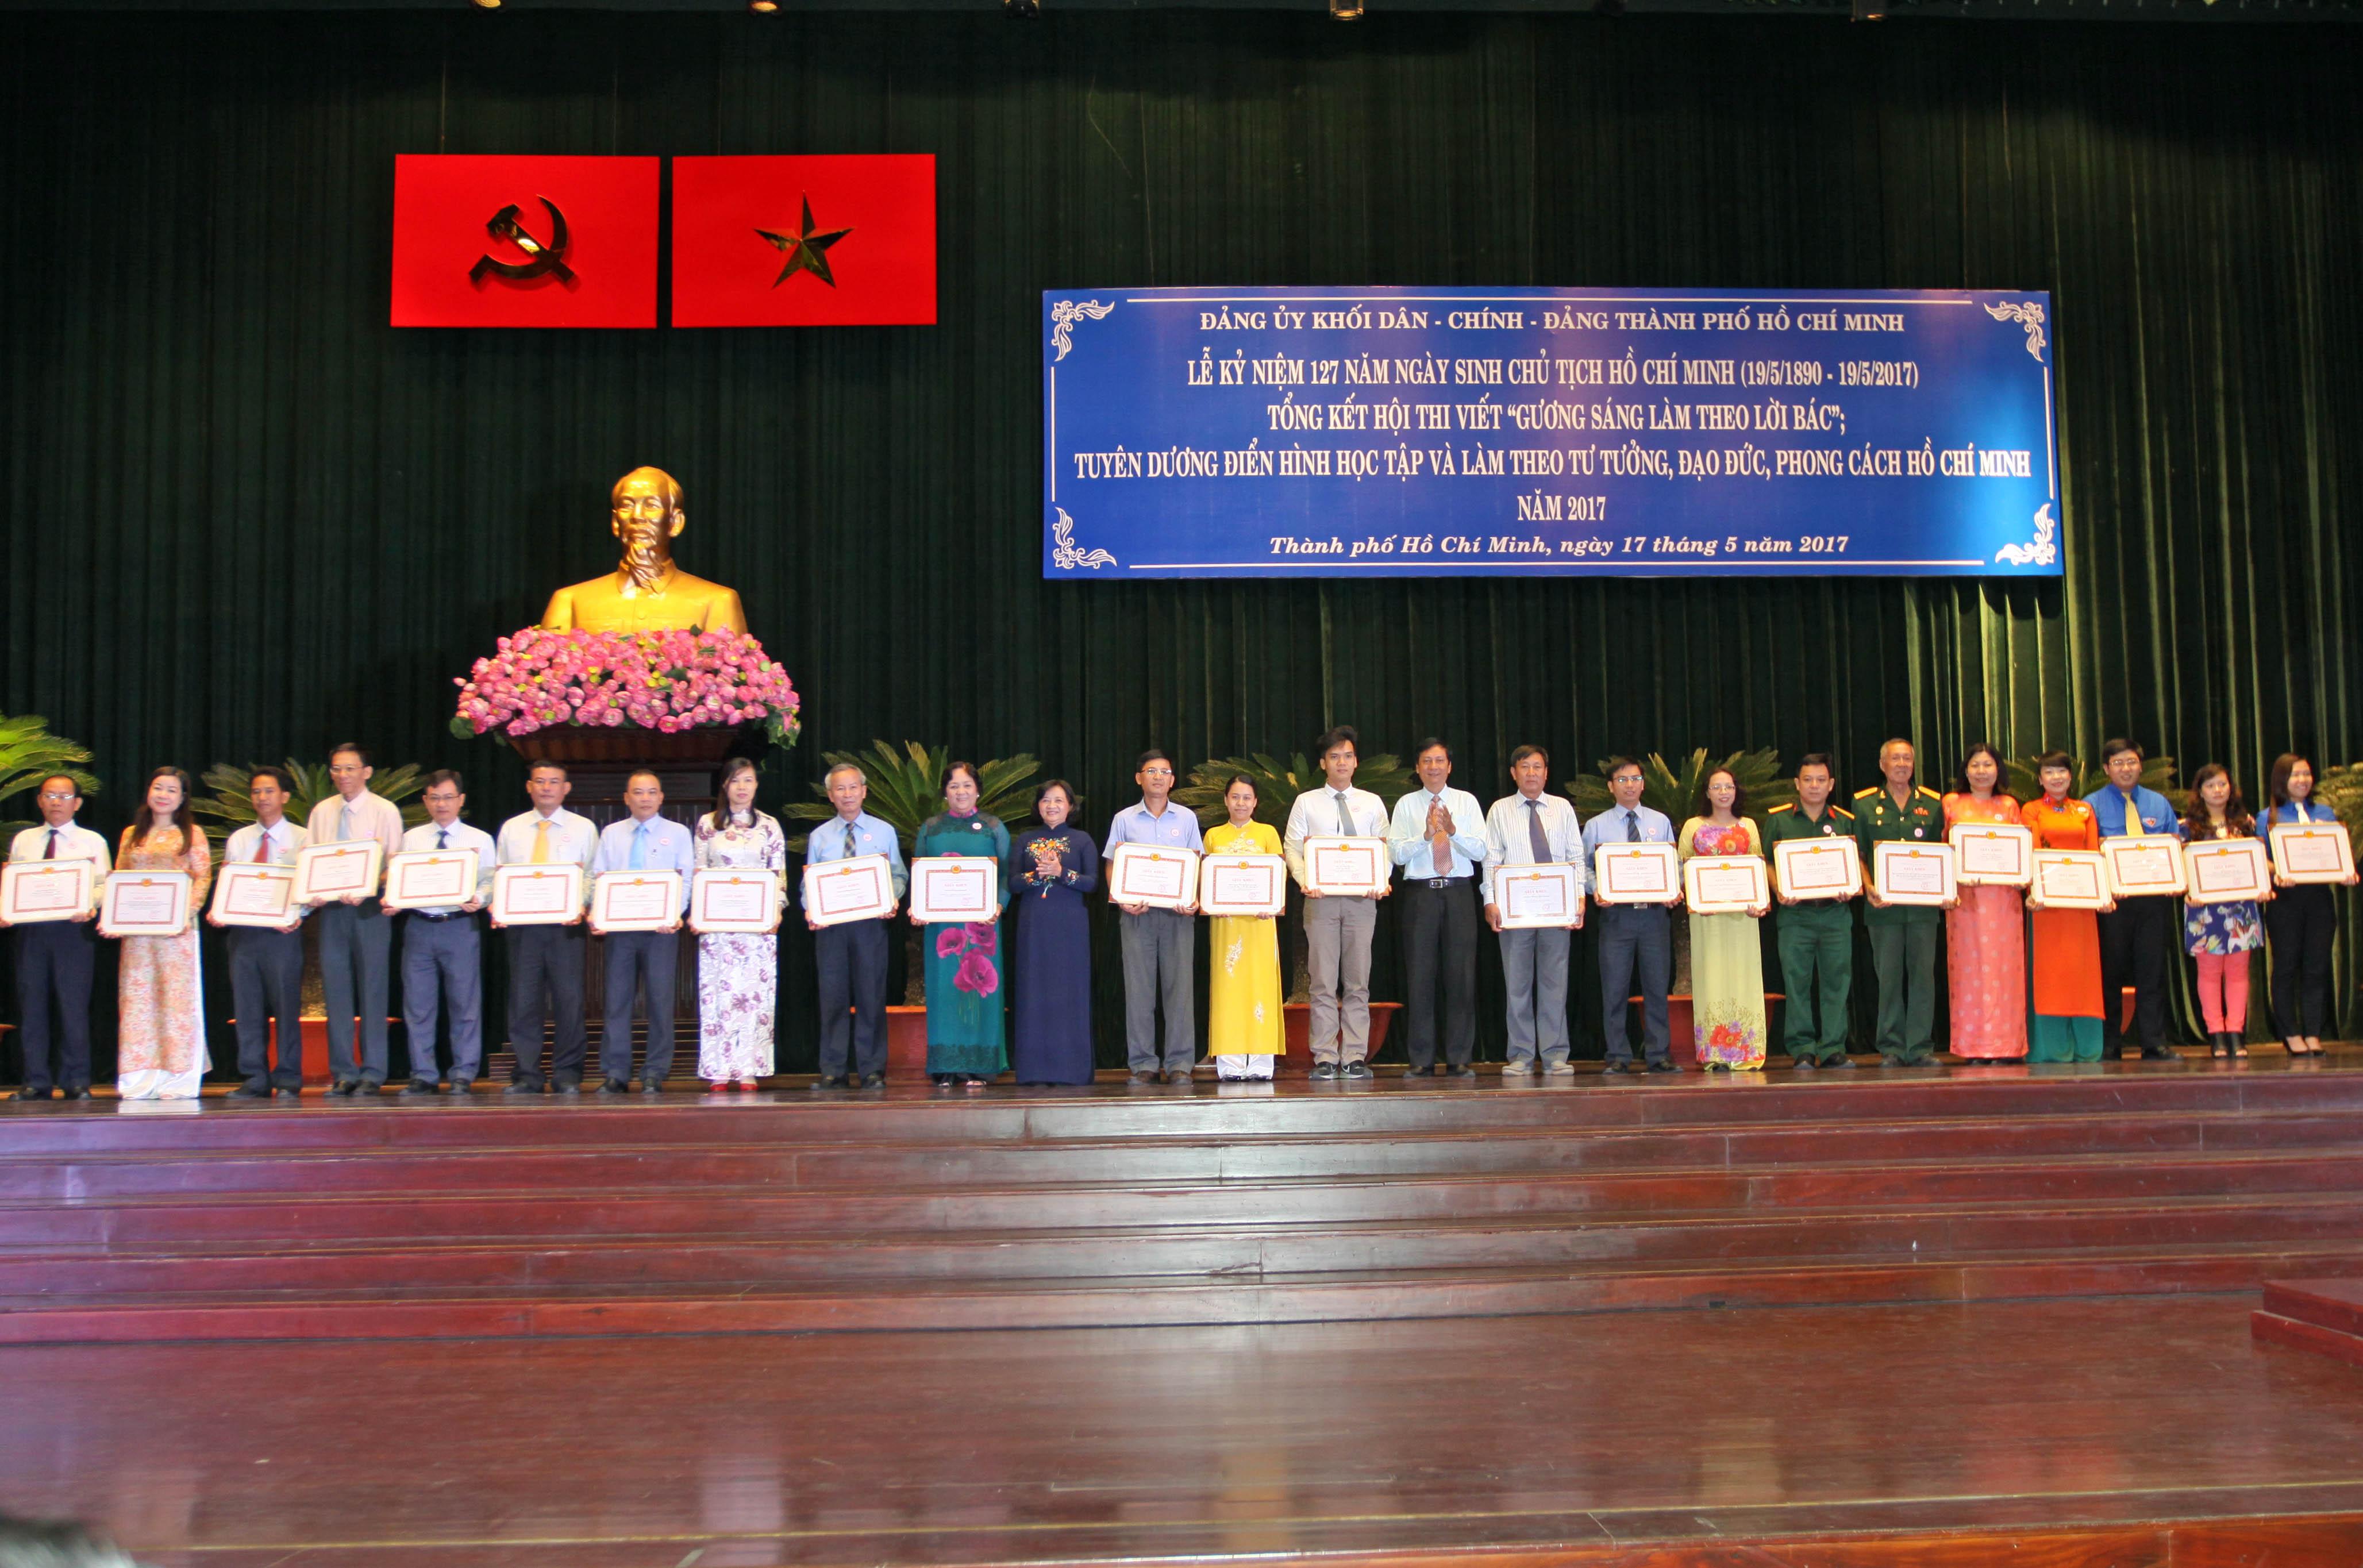 TP.Hồ Chí Minh: Tuyên dương các điển hình thực hiện tốt việc học tập và làm theo Bác